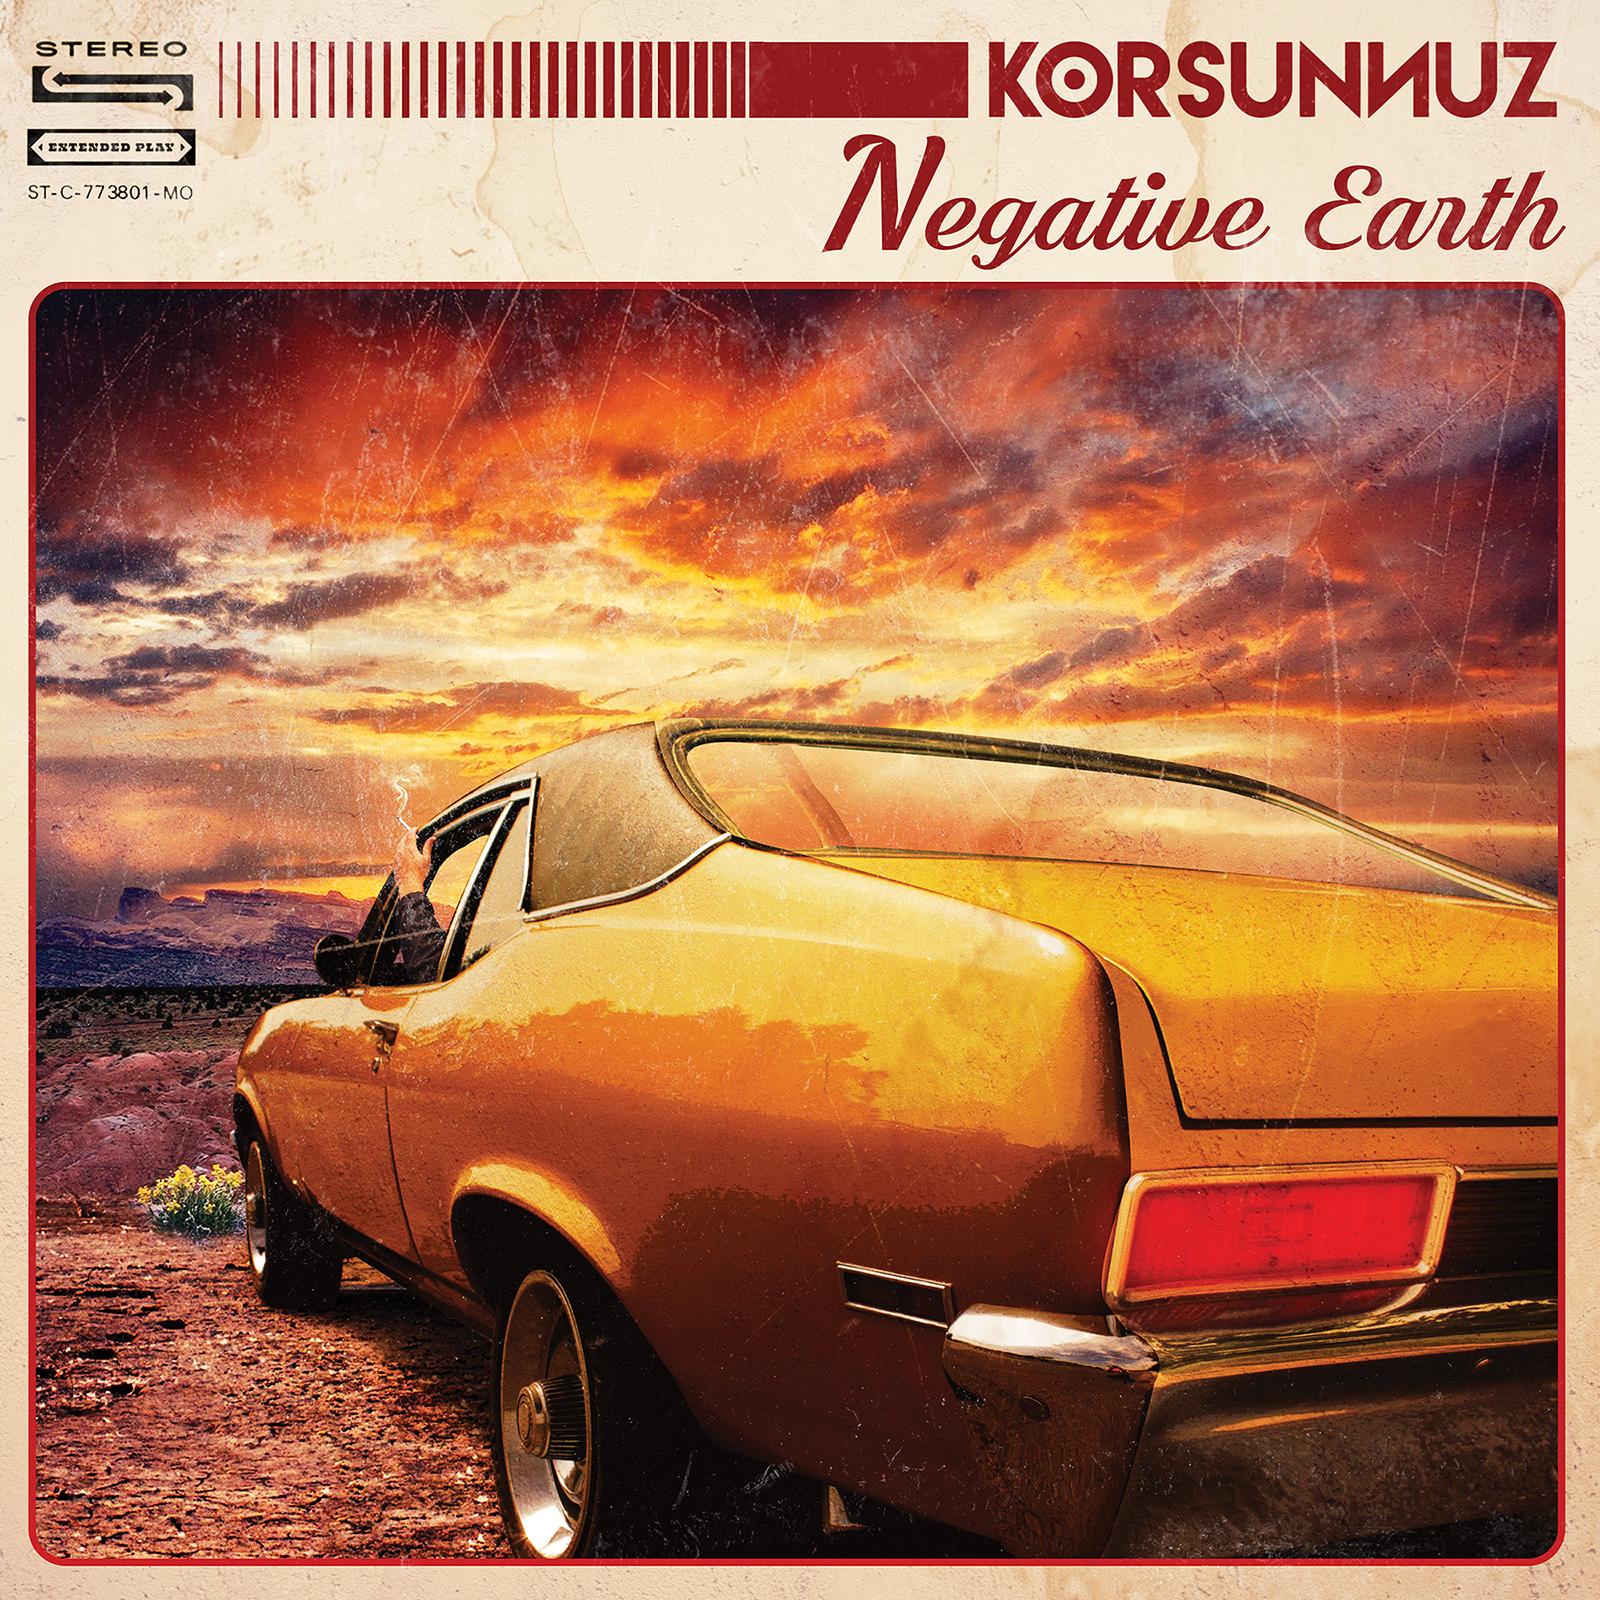 """Korsunnuz """"Negative Earth"""" Album Cover"""